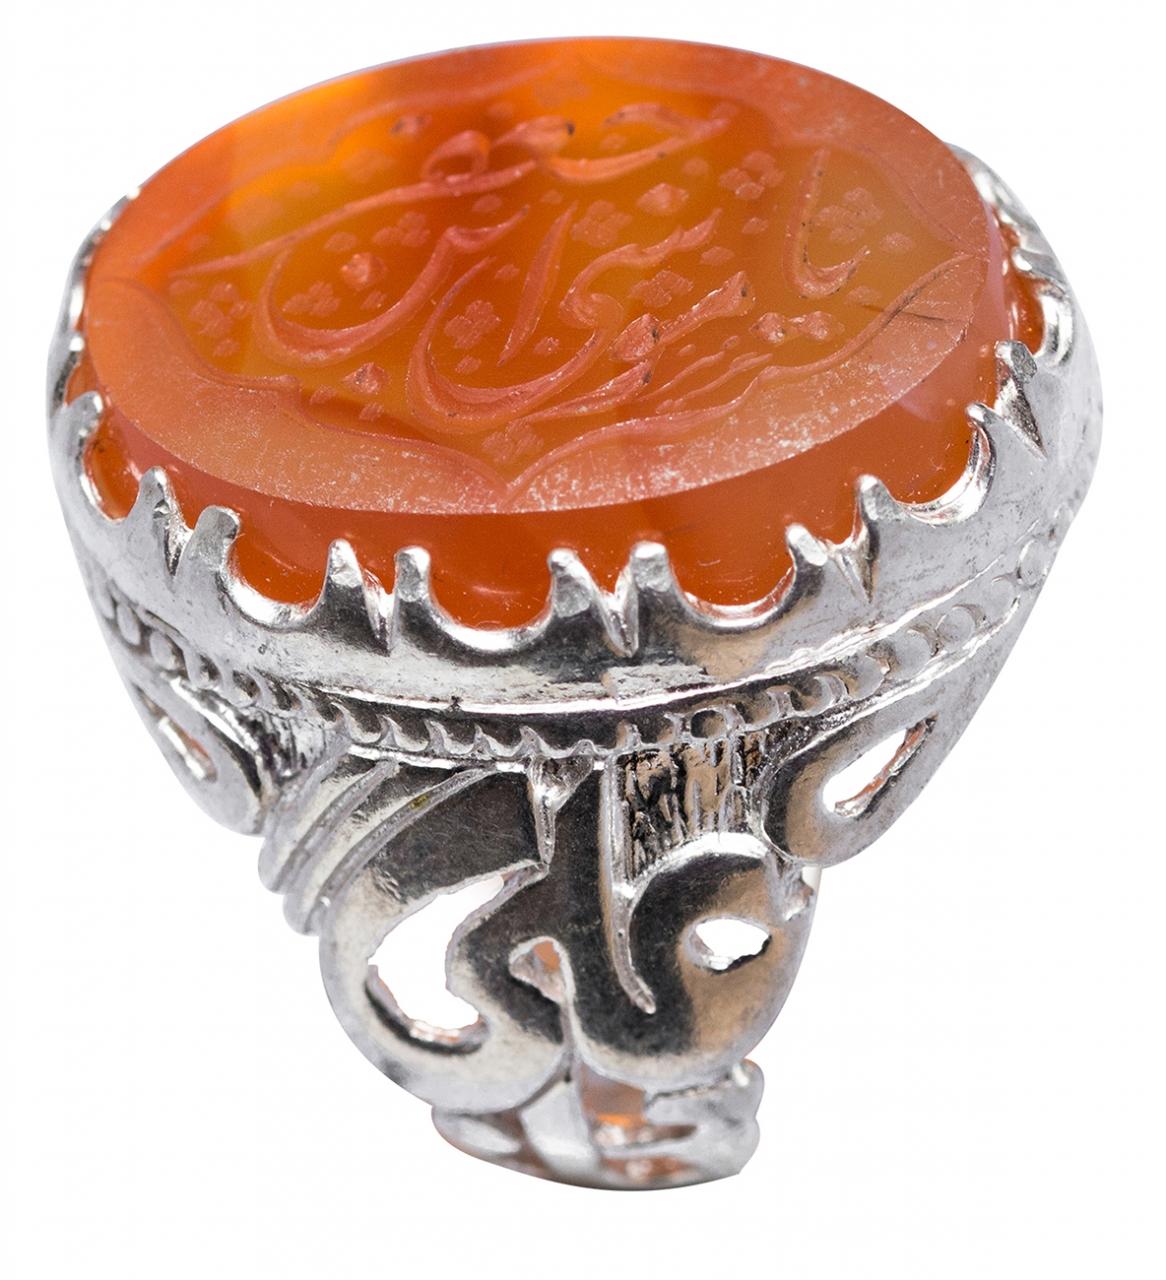 Aqiq Yamani graviert mit Ya Musa Ibn Jaafar - Silberfassung graviert mit ALI Größe 60